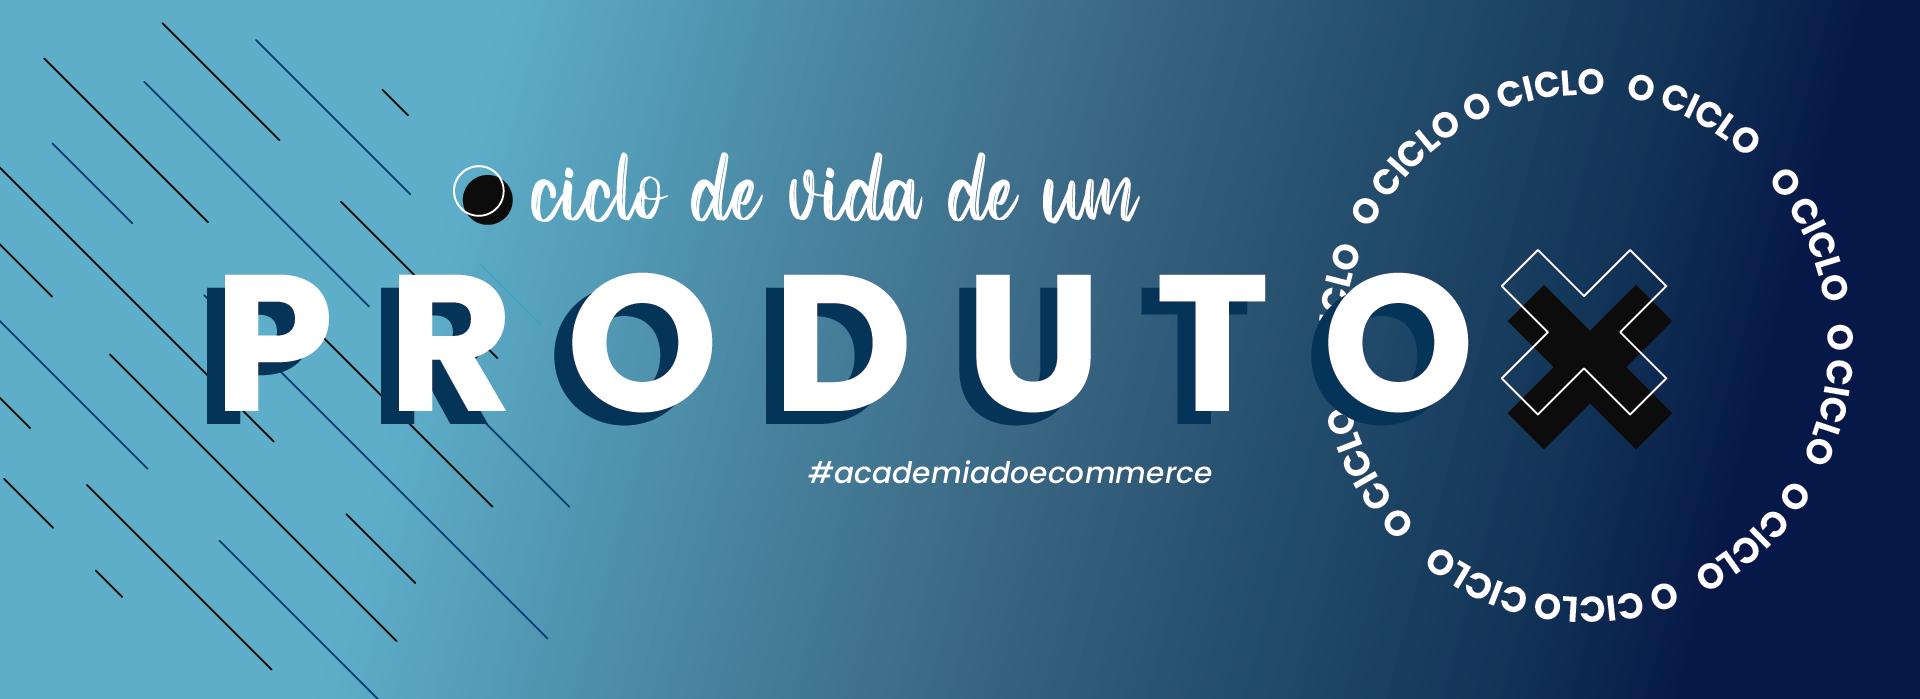 CICLO DE  VIDA DE UM PRODUTO NO E-COMMERCE